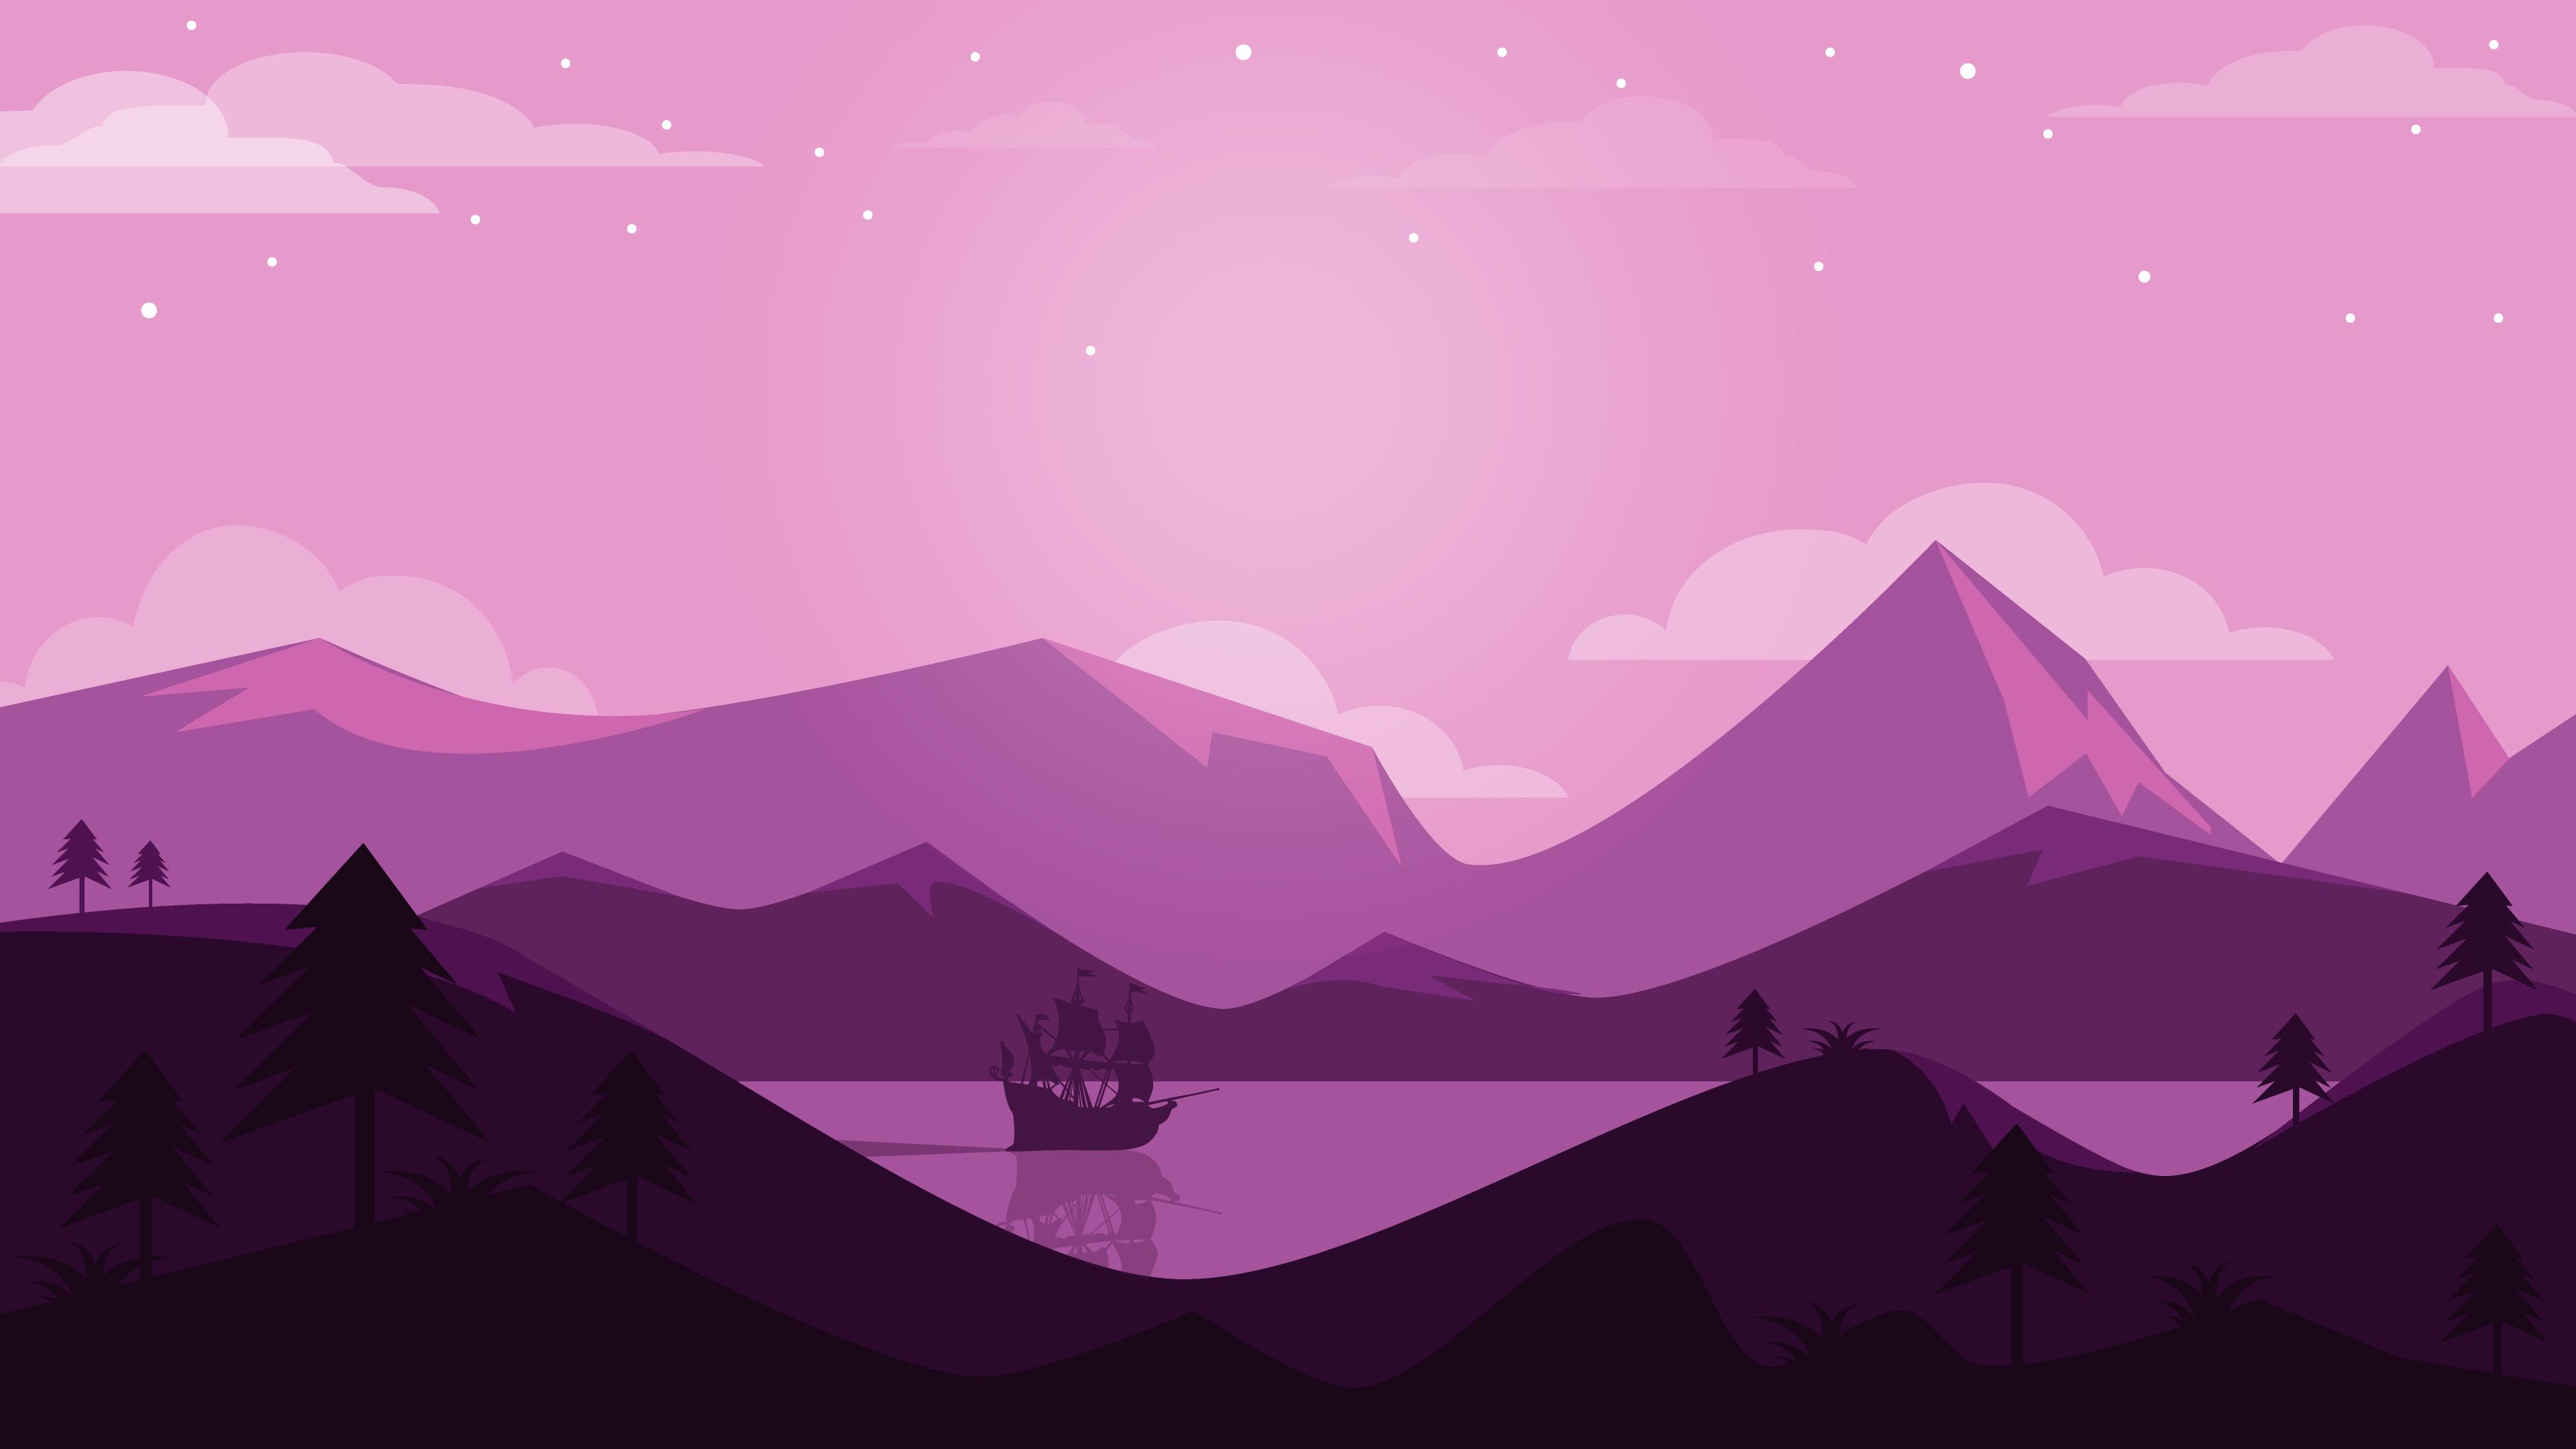 Stardew Valley Cute Wallpaper Purple Scene Landscape Minimal 4k Wallpapers Hd